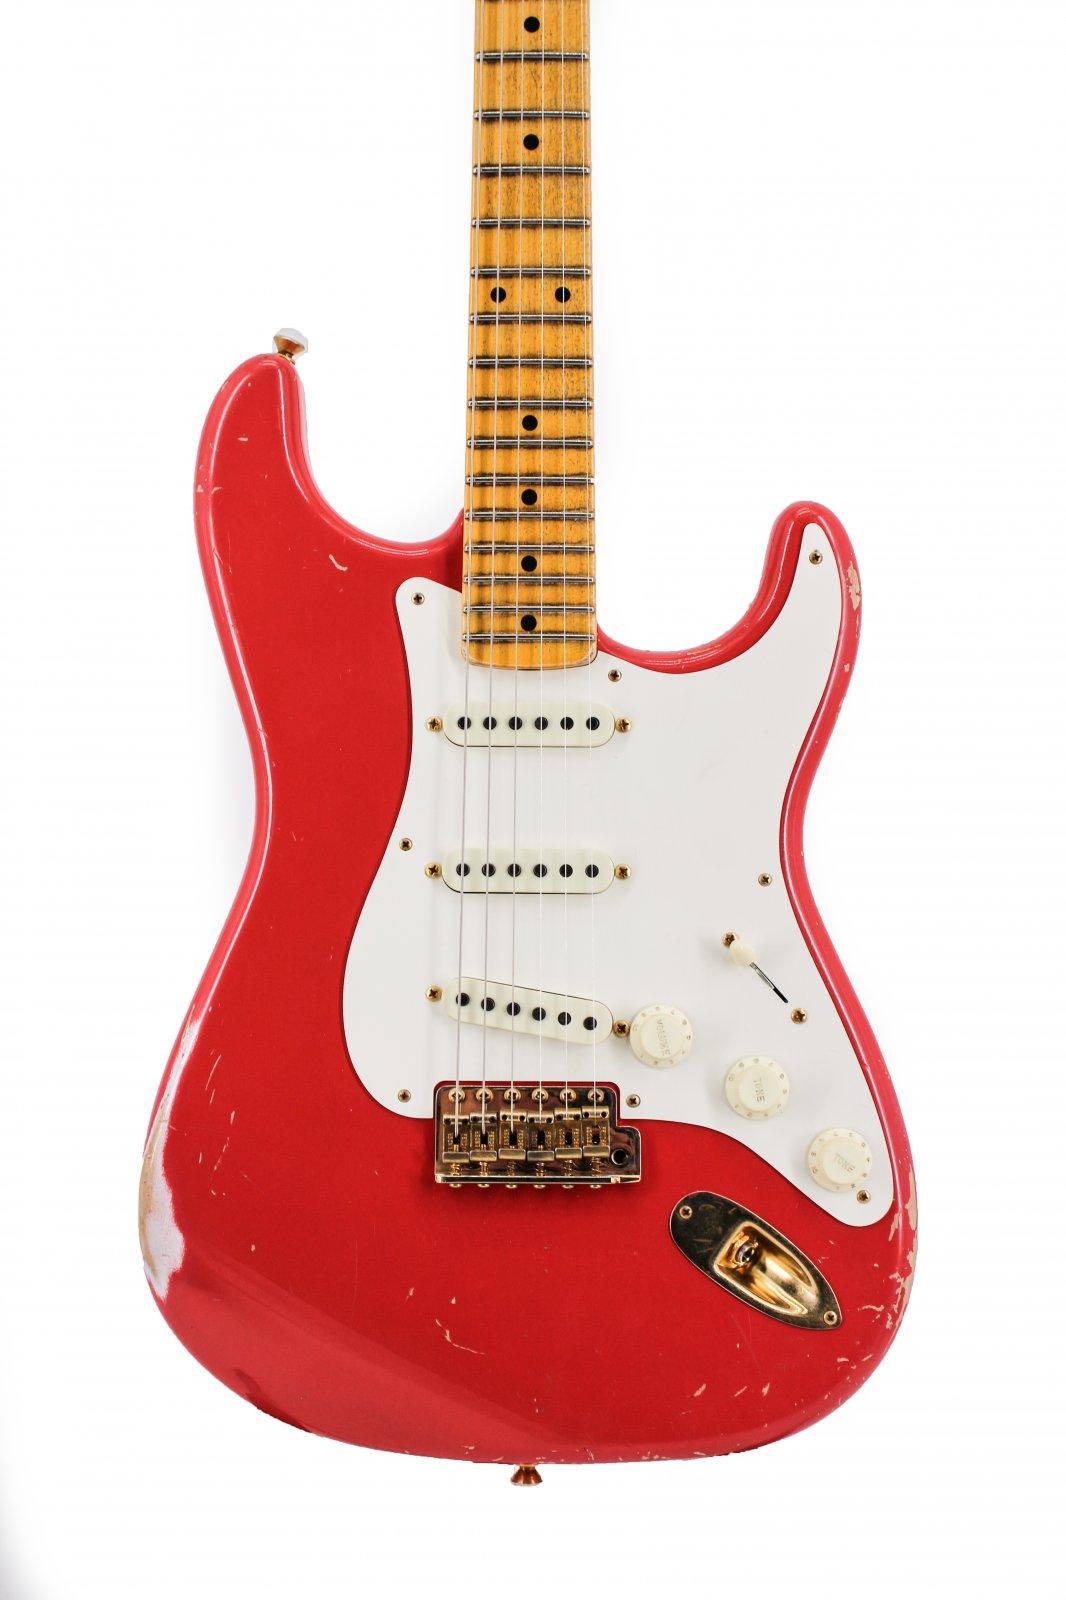 Fender Masterbuilt Dennis Galuszka 56' Strat Relic Fiesta Red Gold Hardware